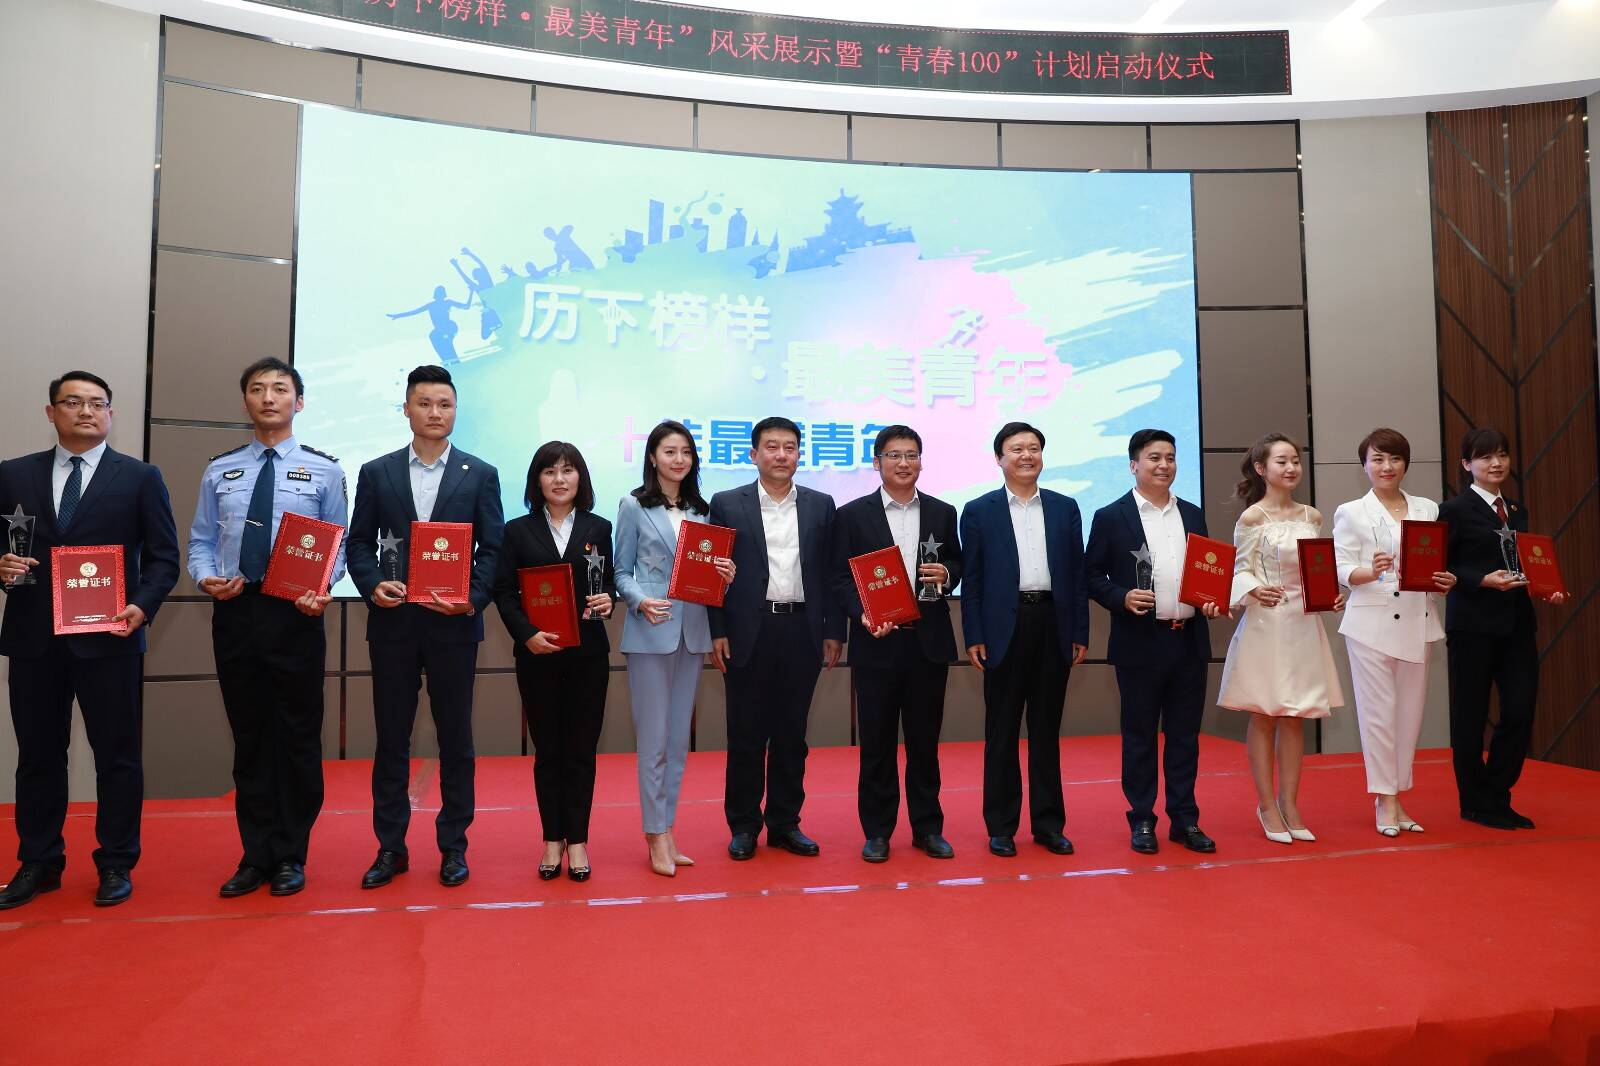 以青春之名 书写时代华章!济南市历下区为青年榜样颁奖